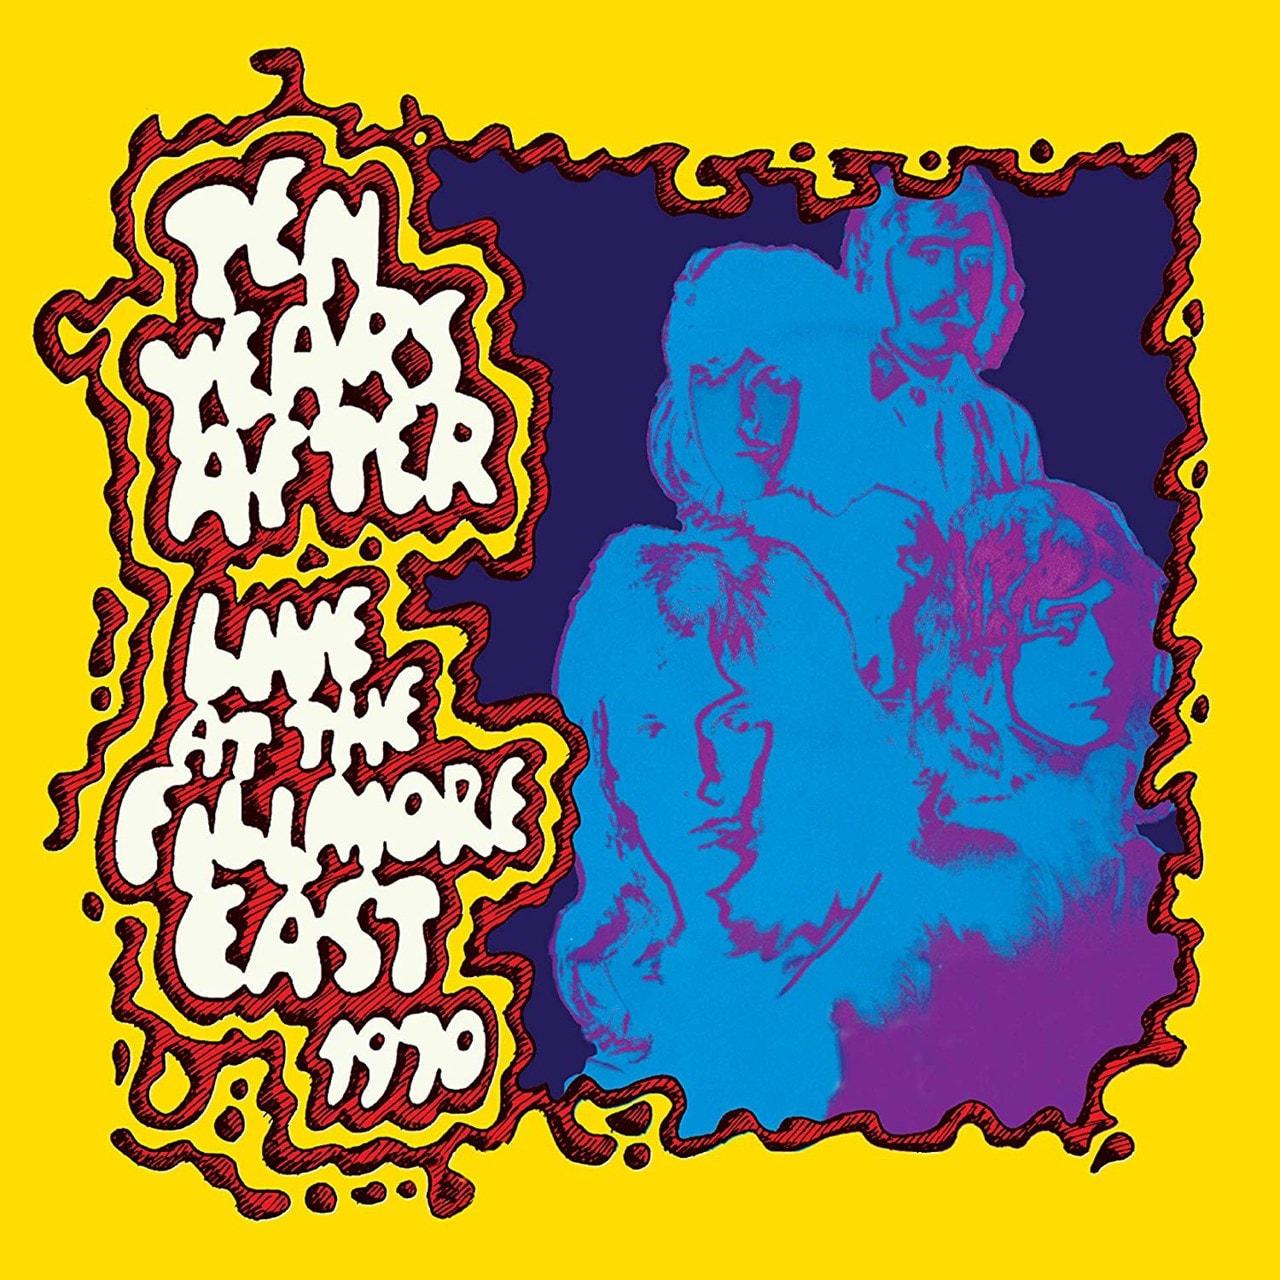 Live Tt the Filmore East 1970 - 1